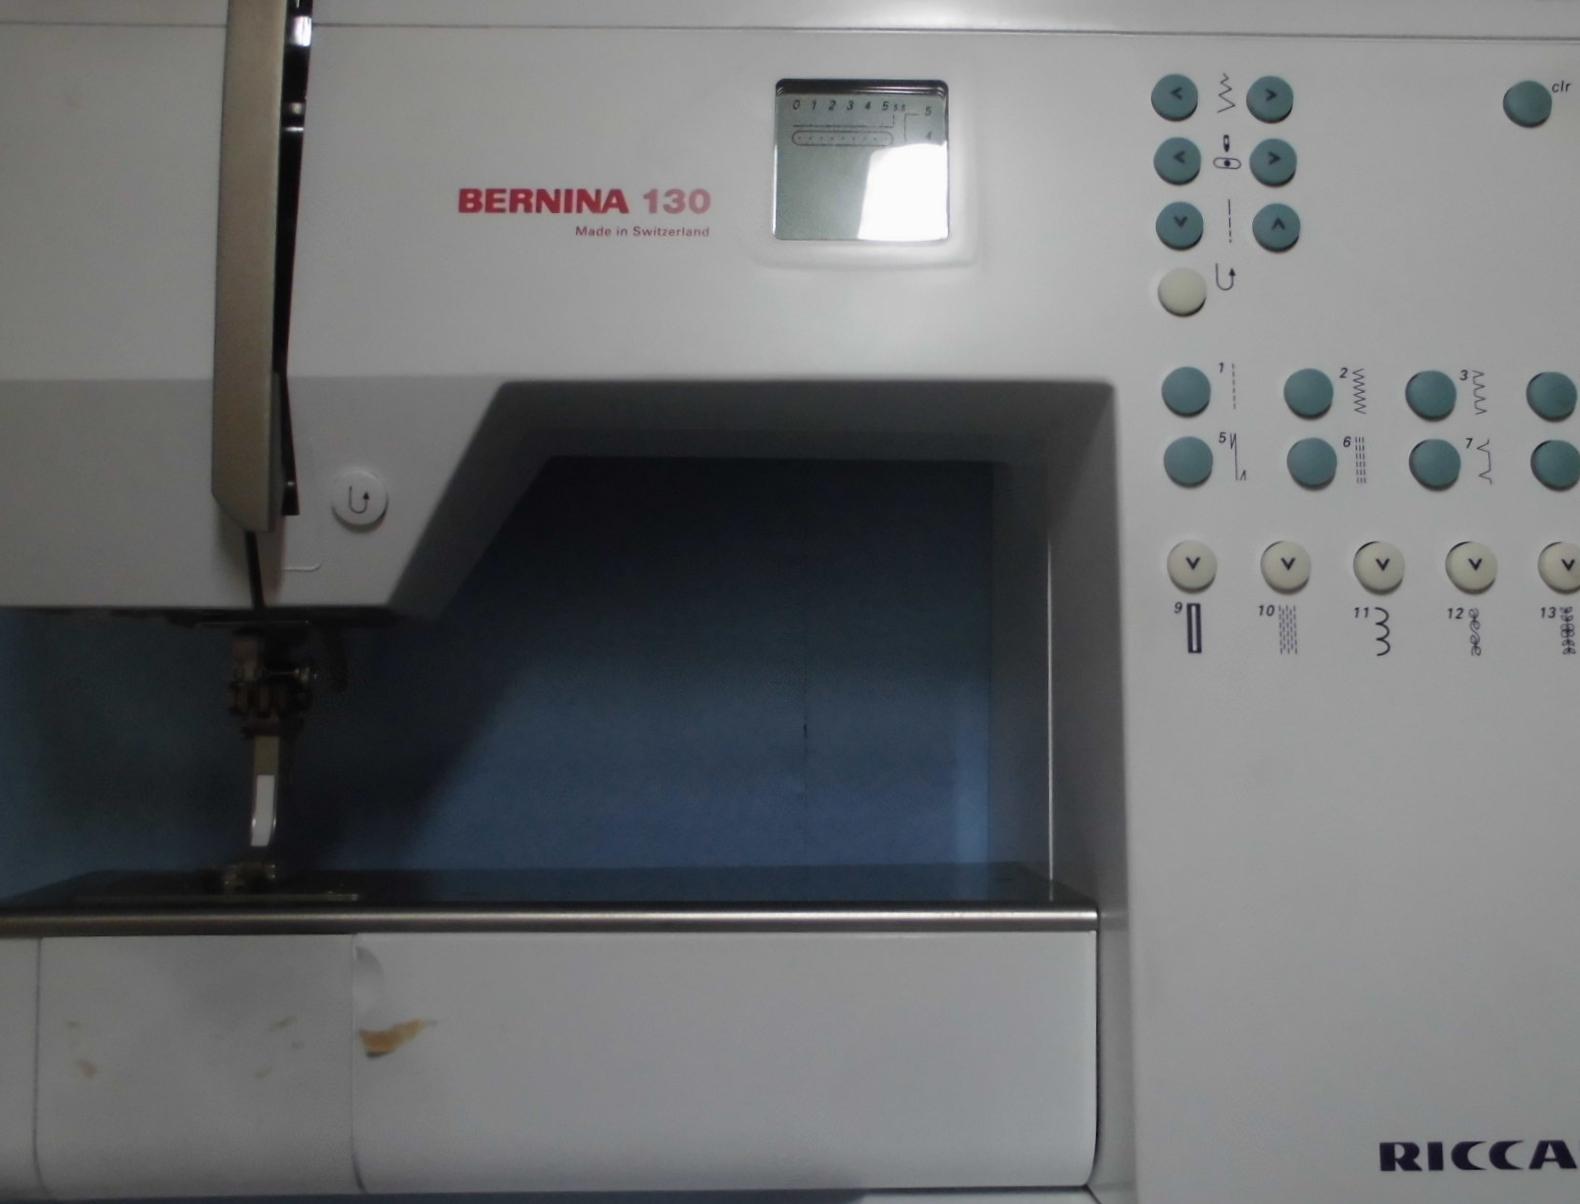 リッカーミシン修理|ベルニナ130|布を送らない、送り歯が下がっている、縫えない